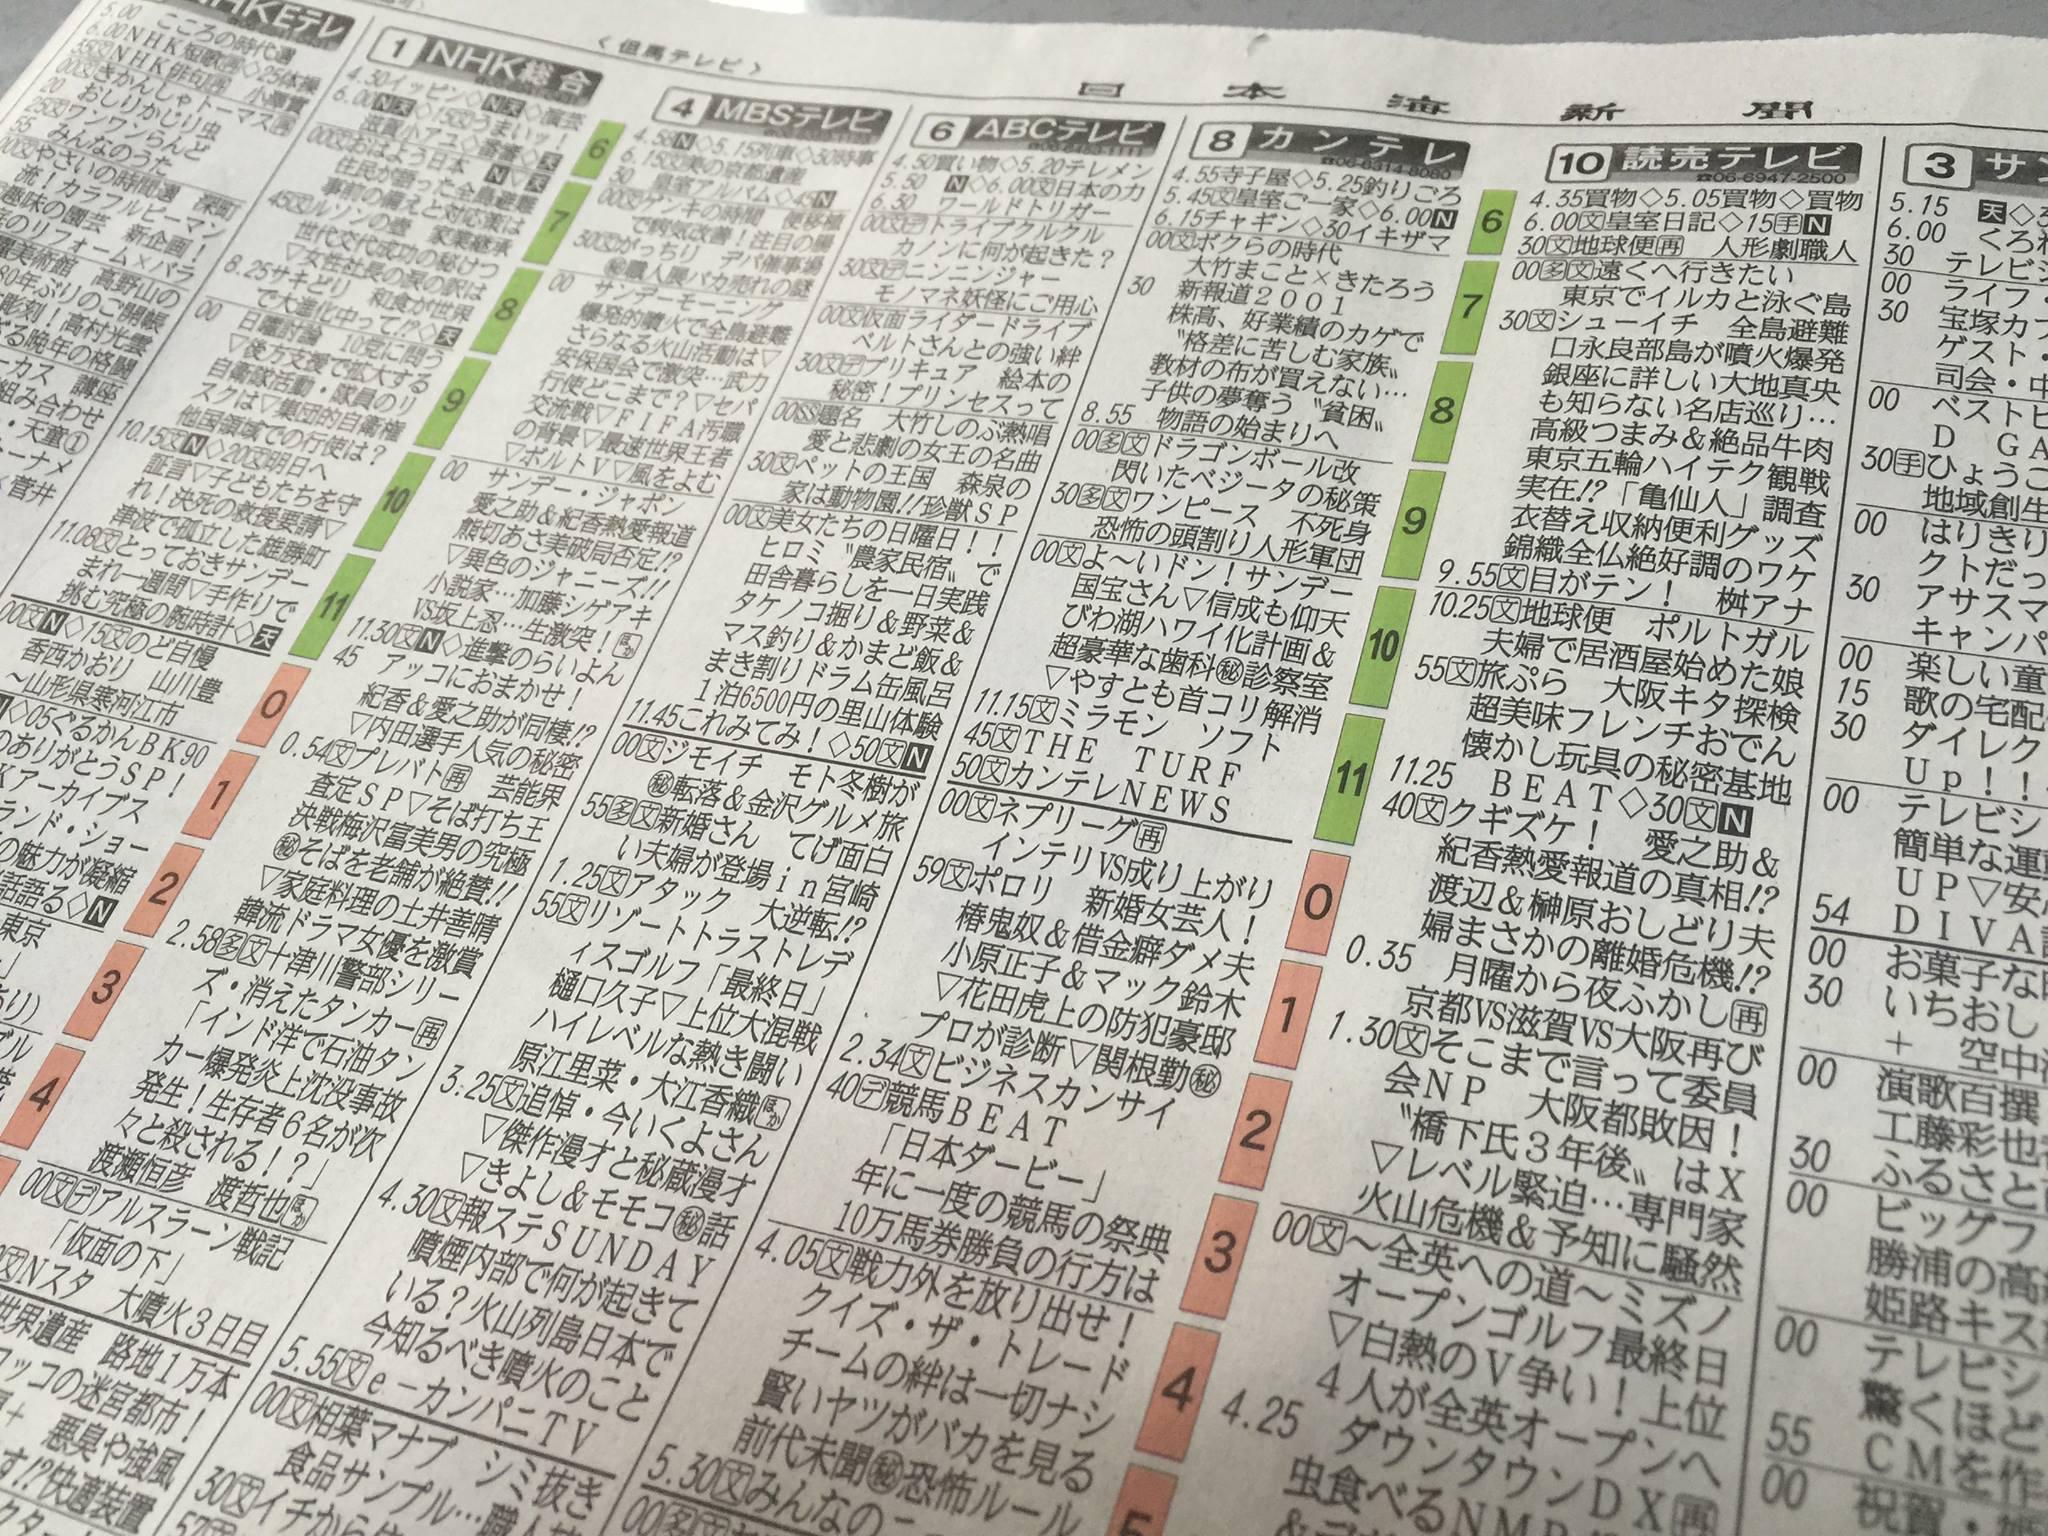 【悲報】宮崎のテレビ欄がヤバすぎると話題に これもう日本じゃないだろ  [502016552]->画像>58枚